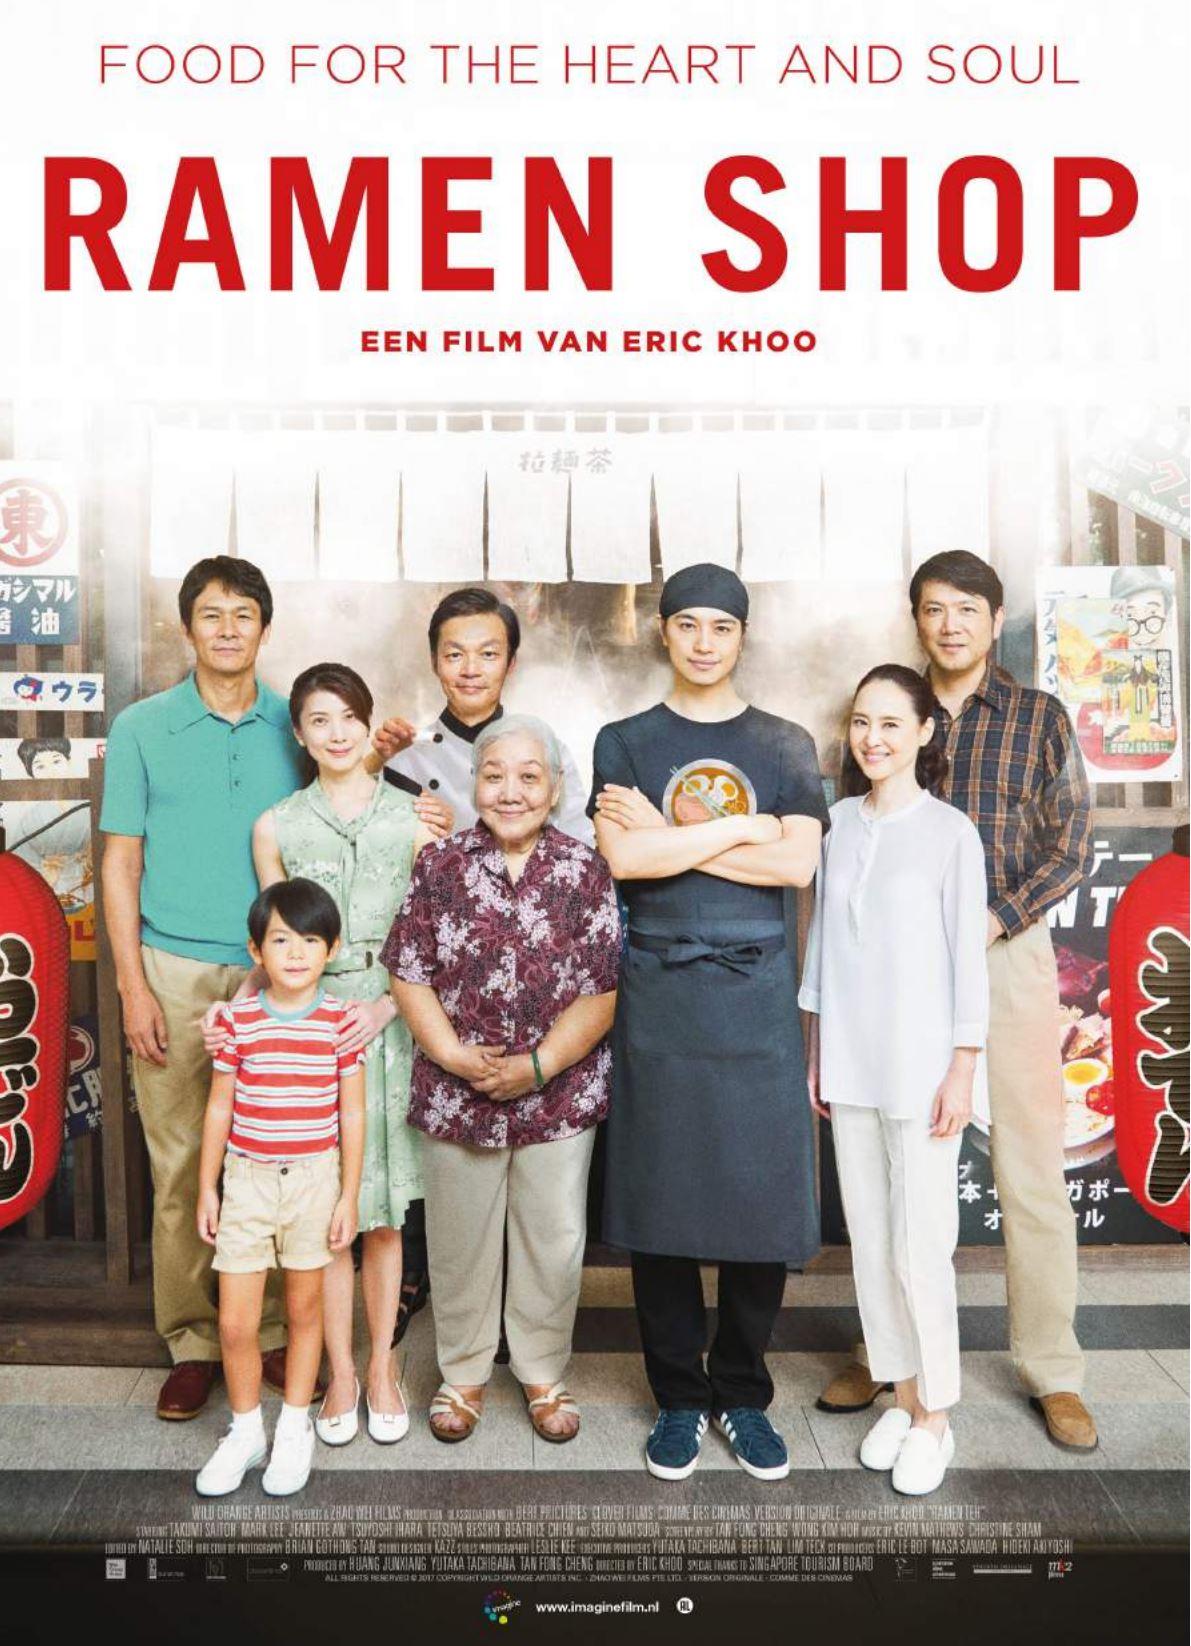 Ramon Shop